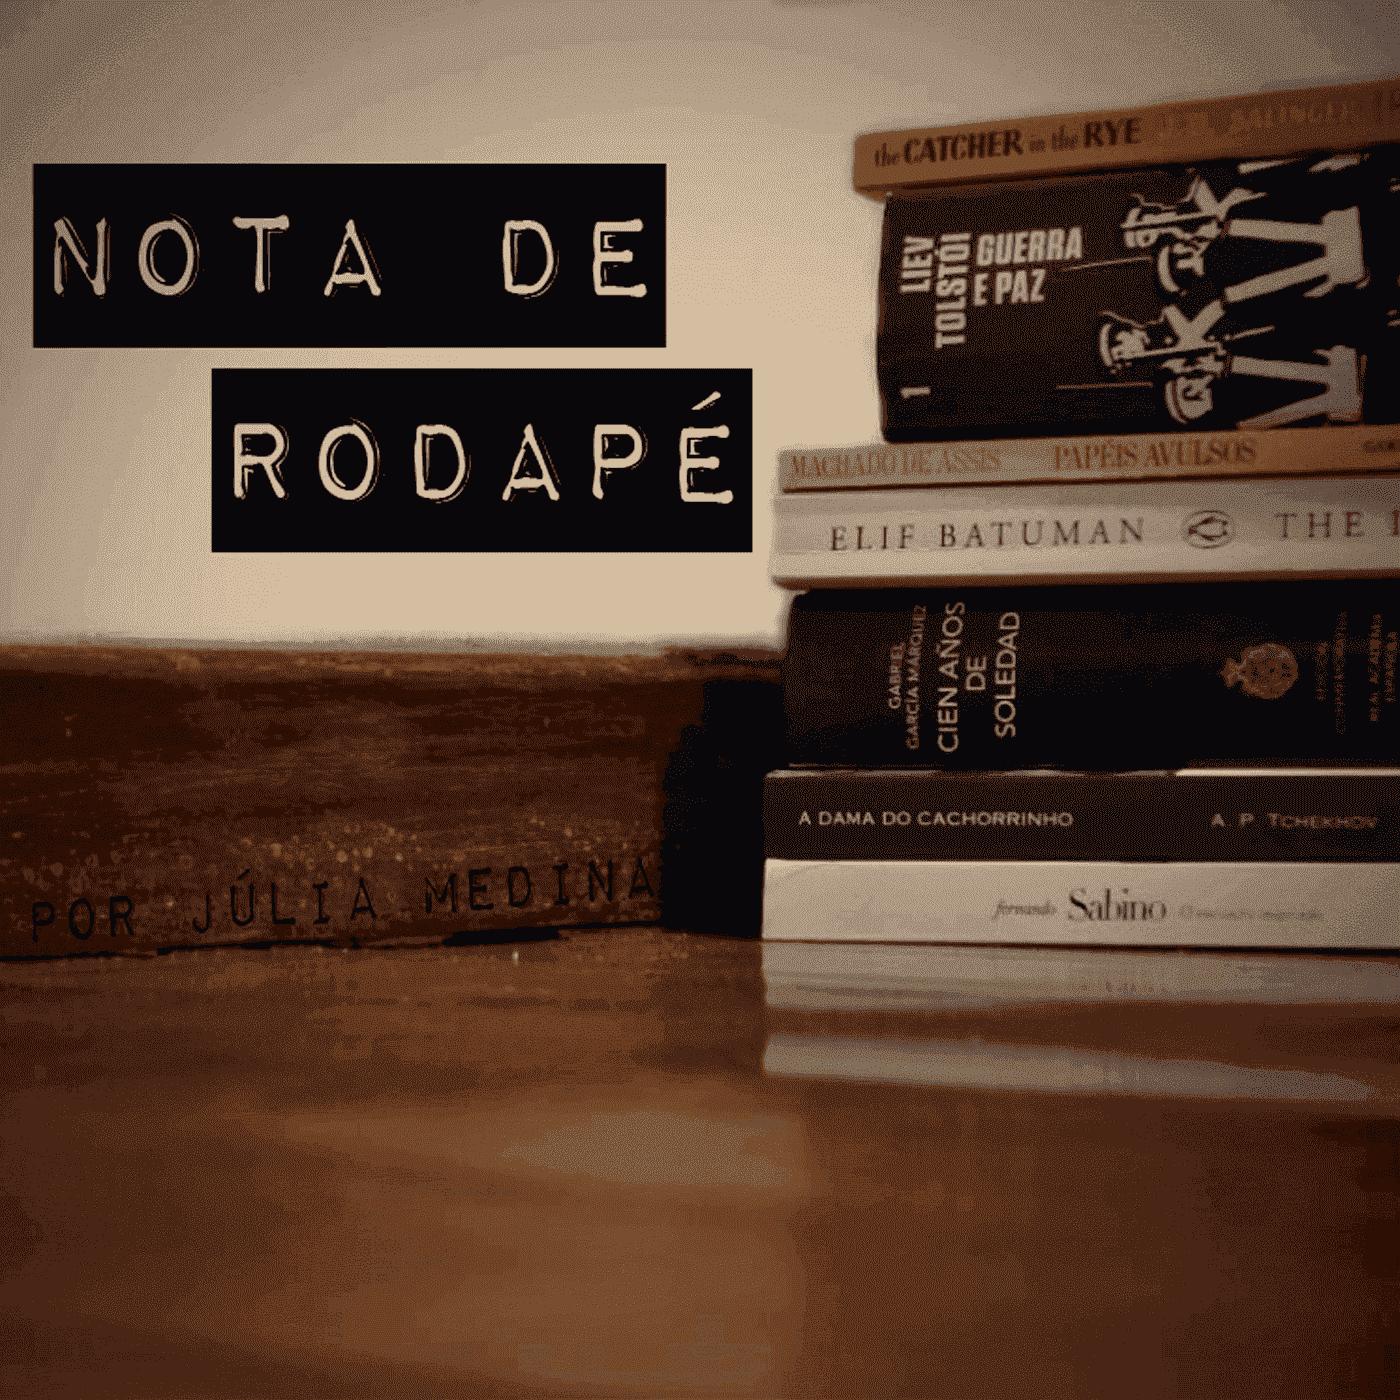 Imagem do Nota de Rodapé